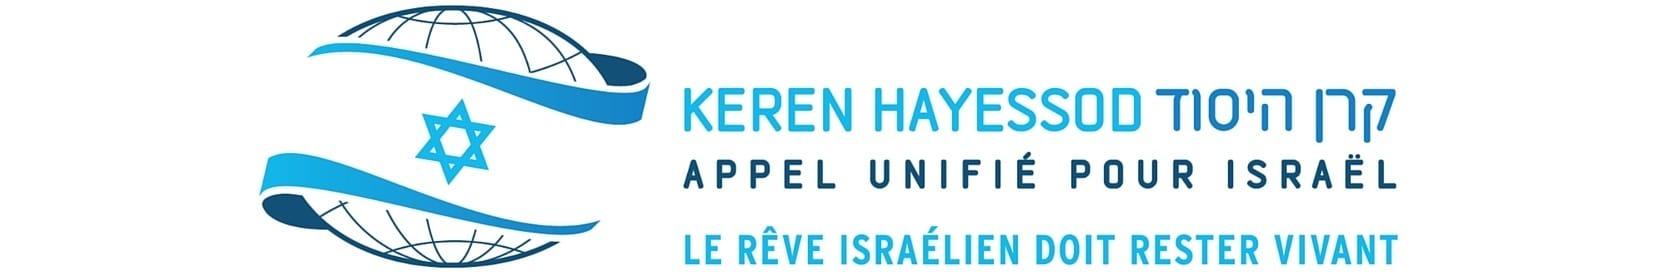 Le Keren Hayessod : un bref survol